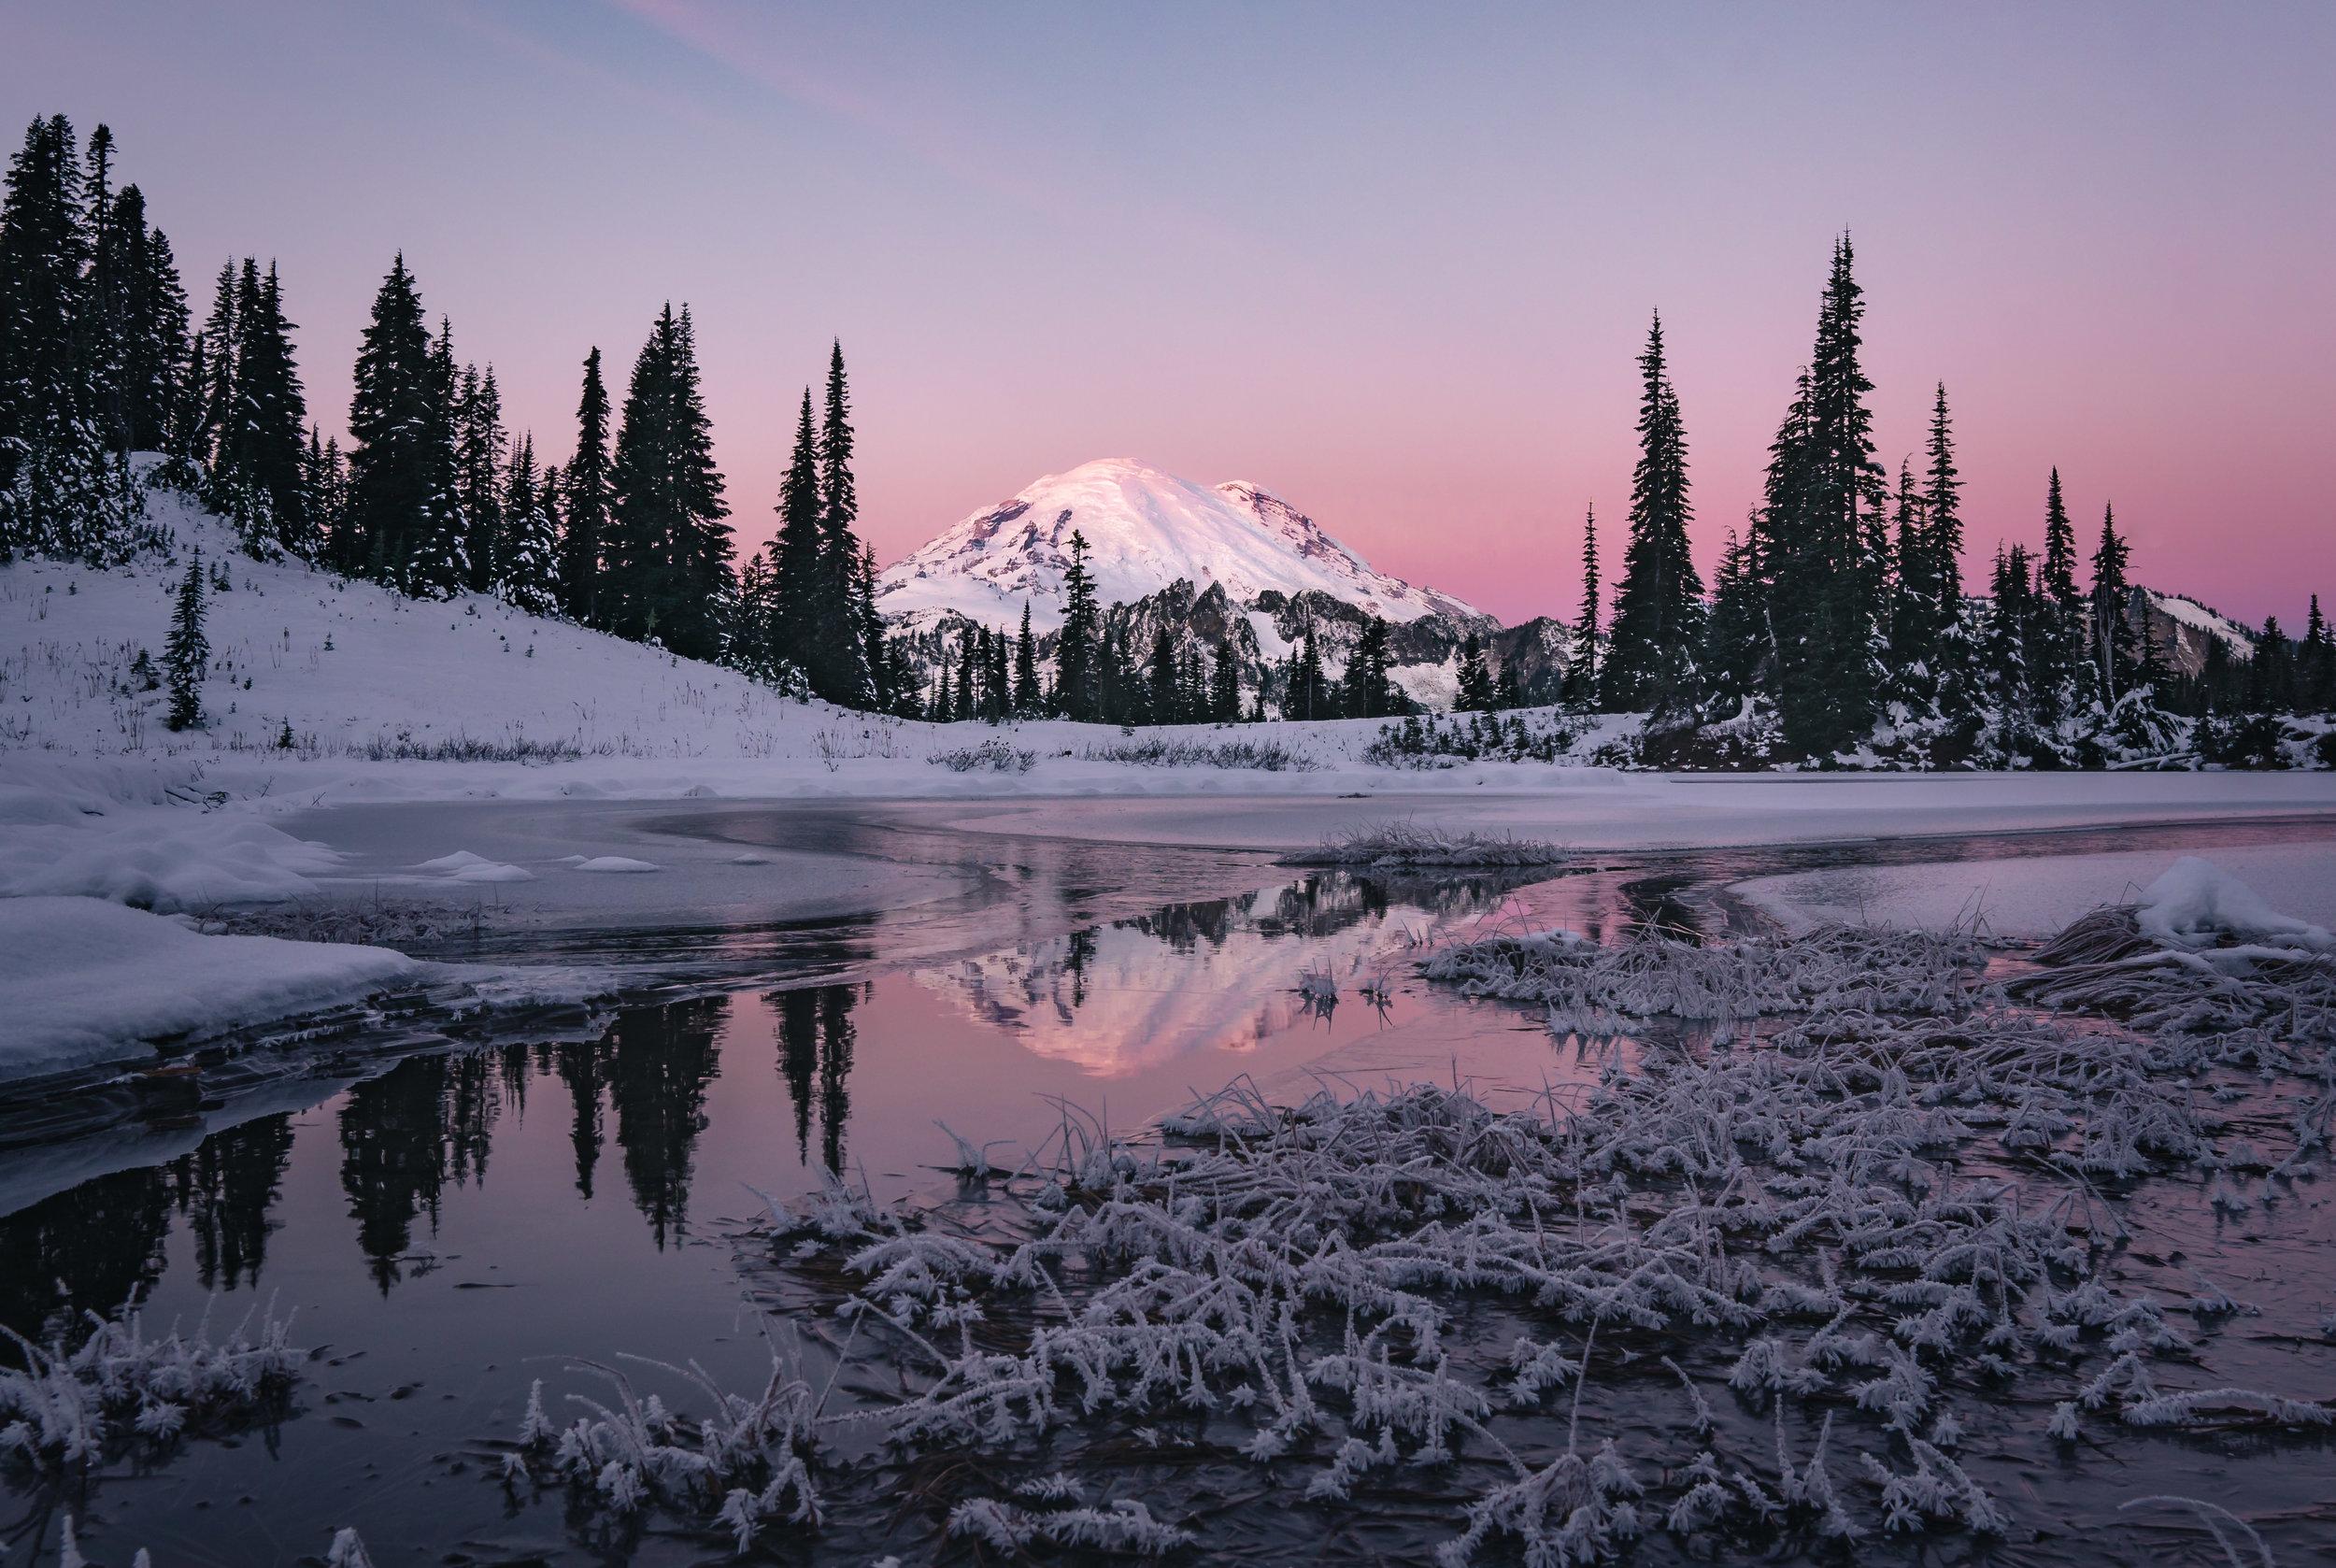 Winter sunrise glow on Mount Rainier